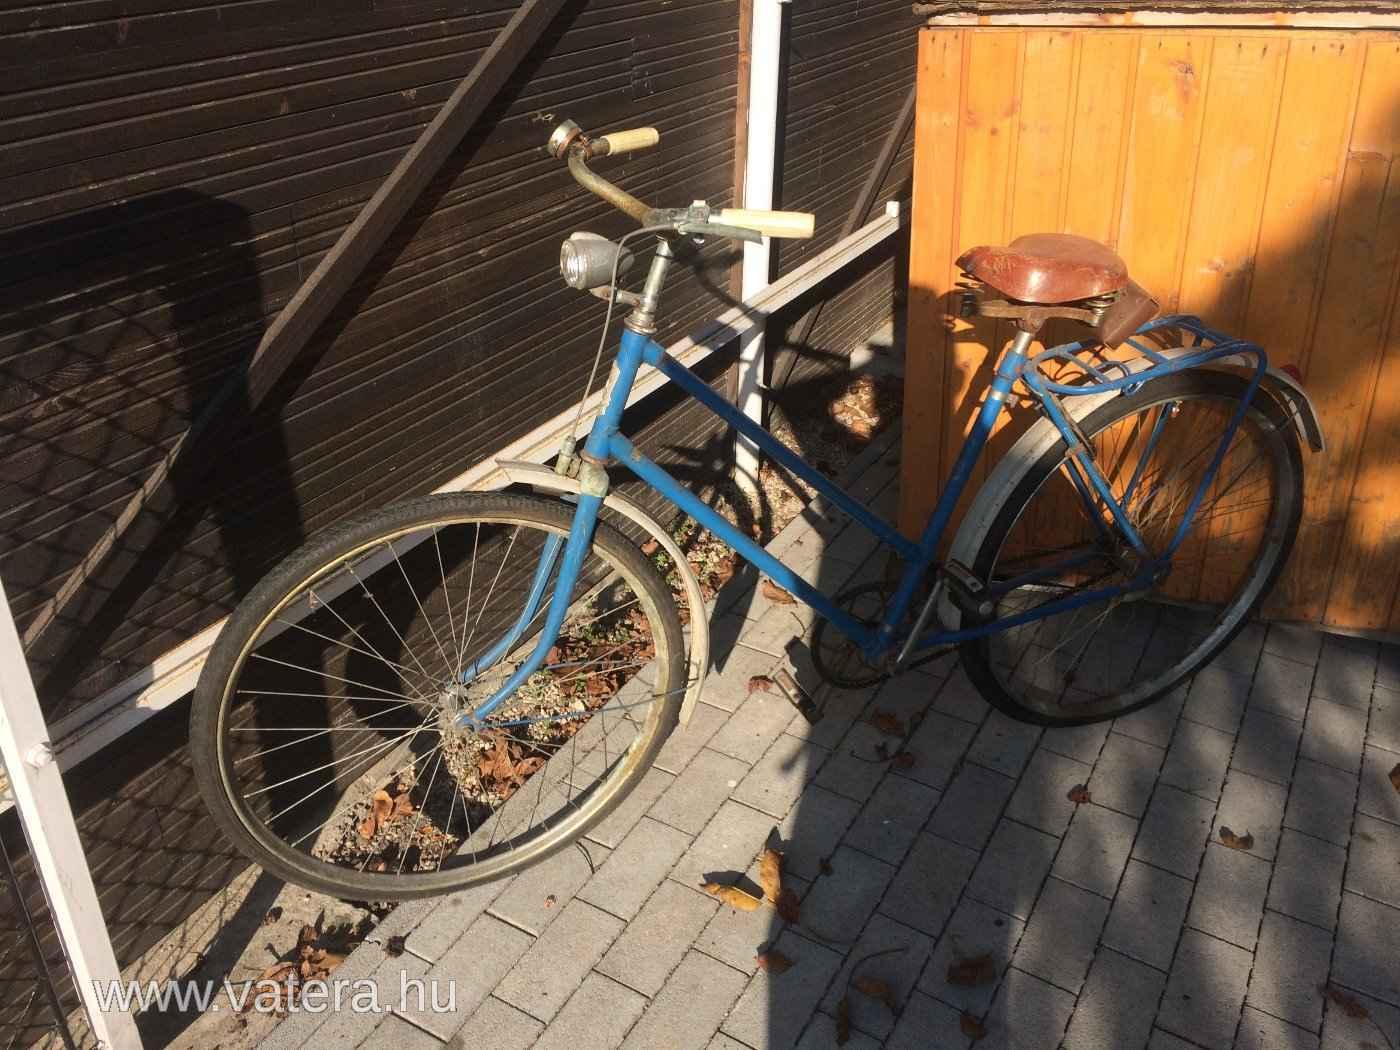 bab351b2f040 RETRO 48 ÉVES BICIKLI -EREDETI ÁLLAPOTBAN - 10000 Ft - Vatera.hu Kép